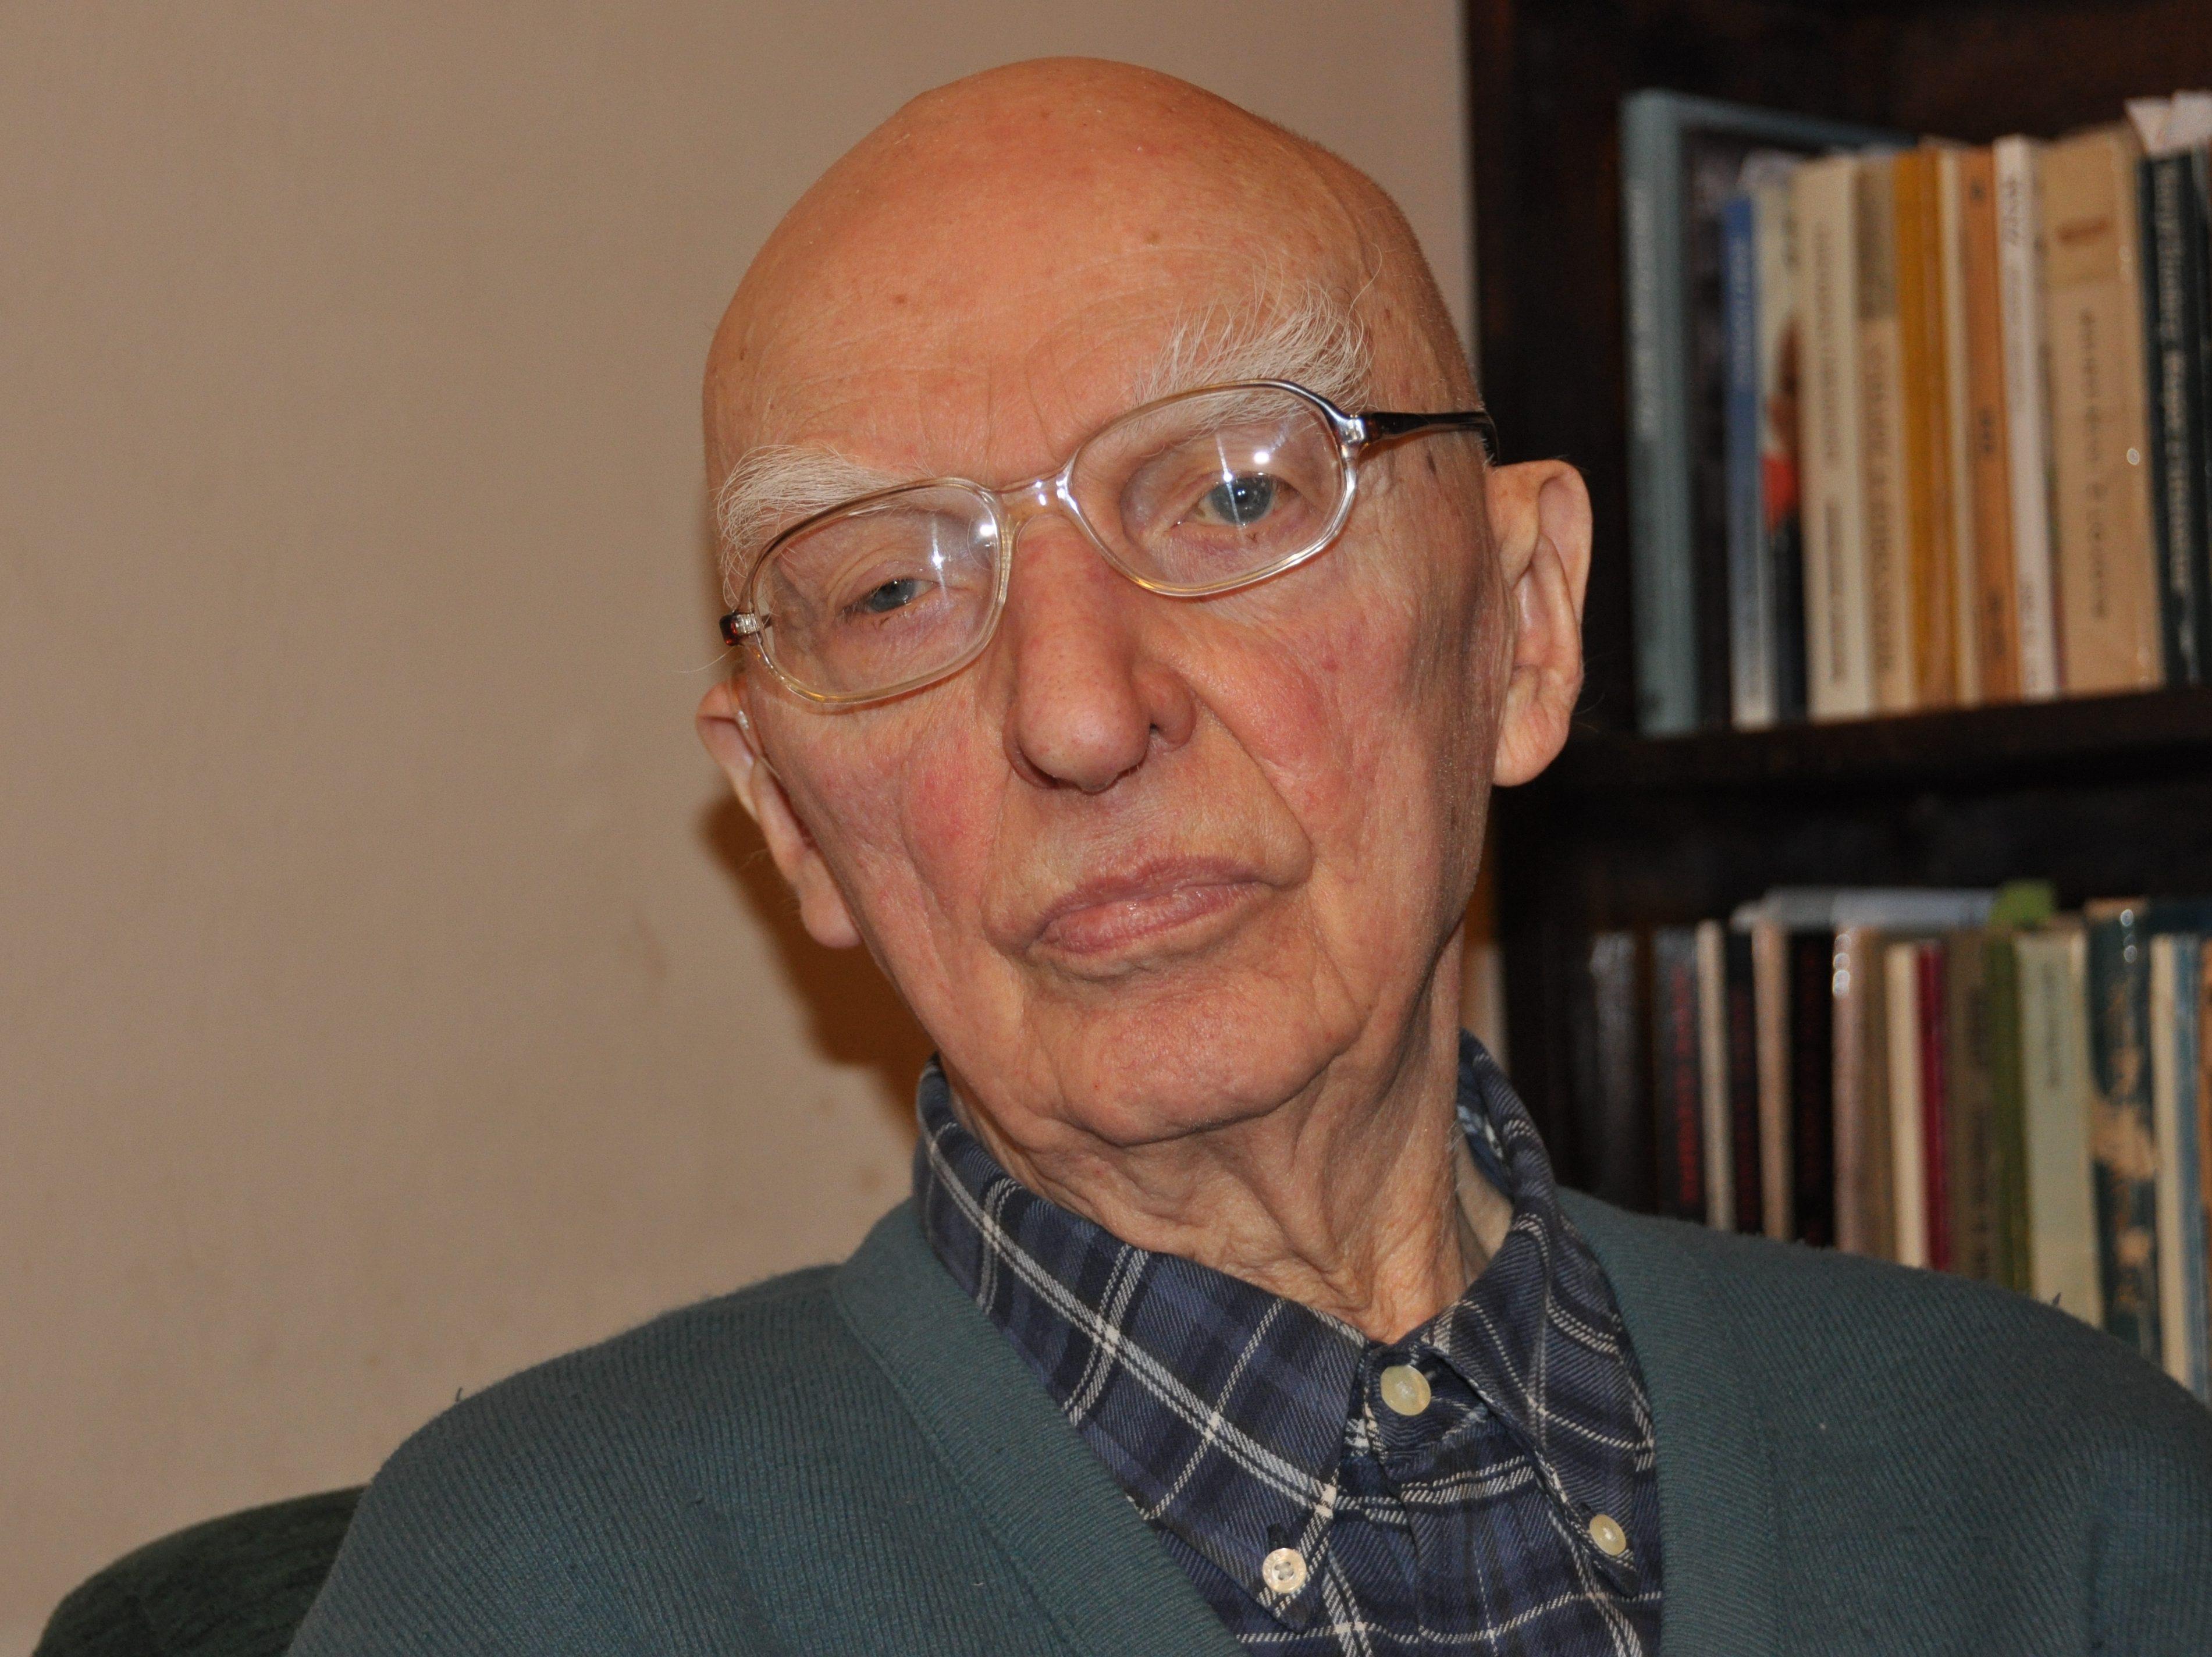 Bogusław Wolniewicz